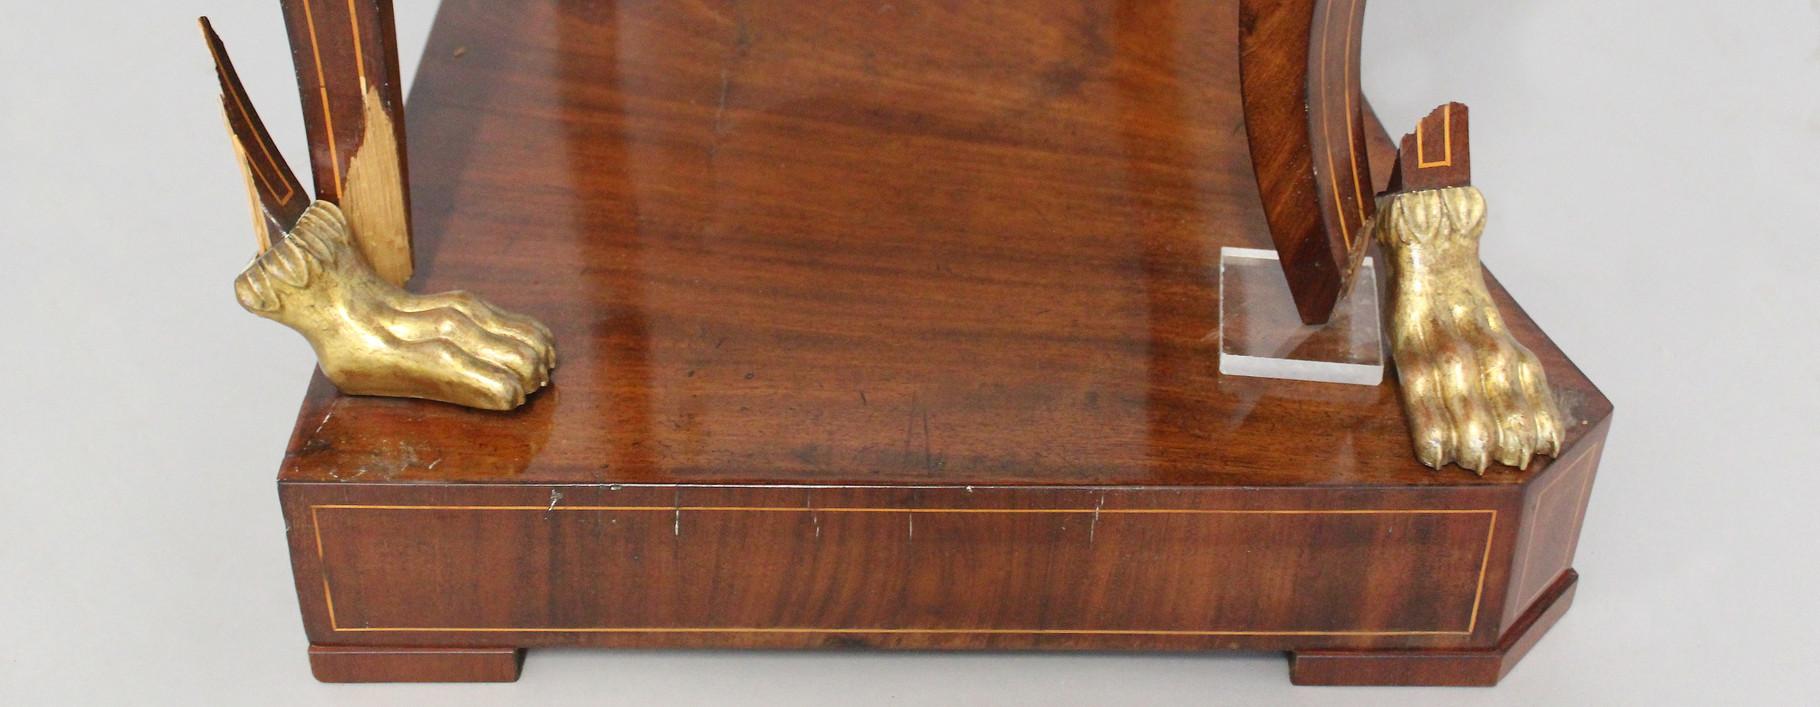 Alte Möbel Restaurieren Restaurierung Vom Stuhl Tisch Und Schrank